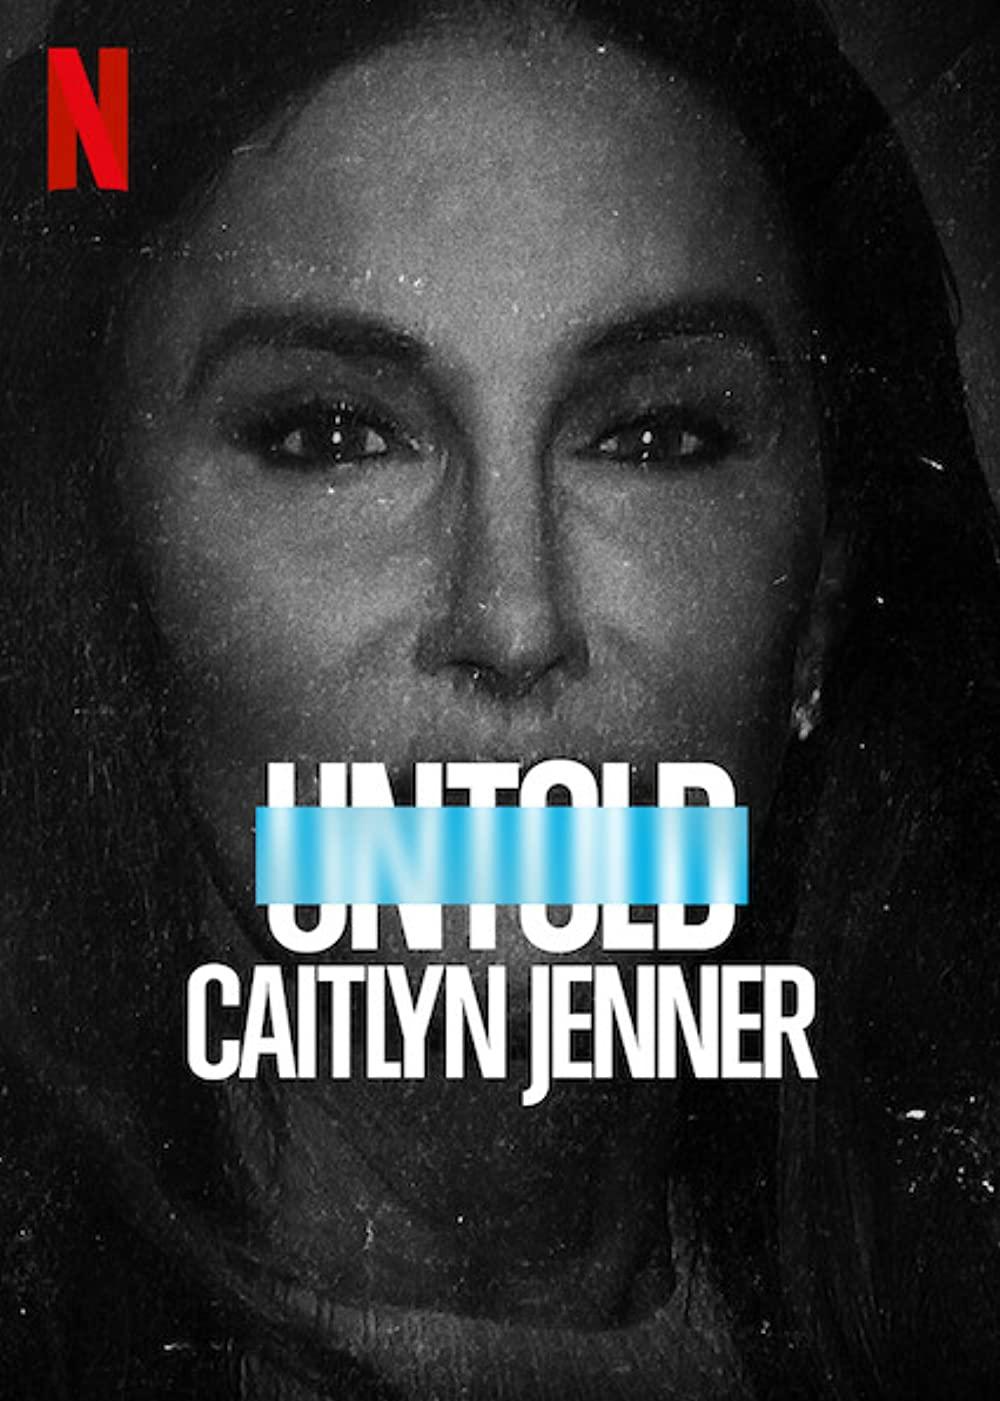 ดูหนัง Netflix Untold: Caitlyn Jenner (2021) ดูหนังฟรีออนไลน์ เต็มเรื่อง